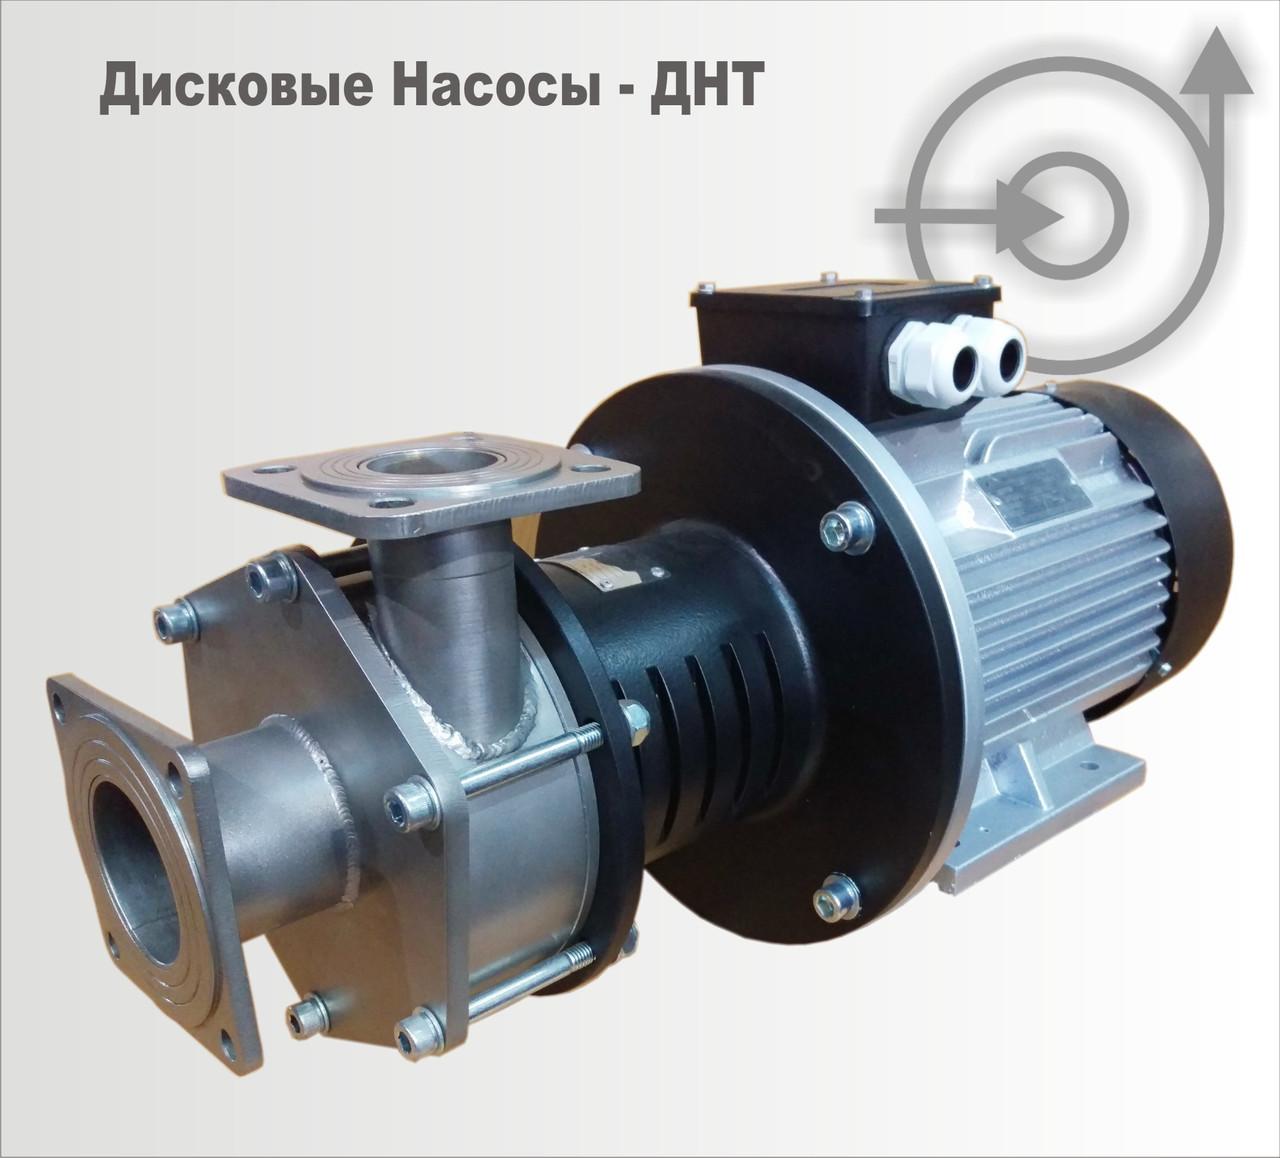 Дисковый насос ДНТ-М 140 20-6 ТУ нержавеющая сталь